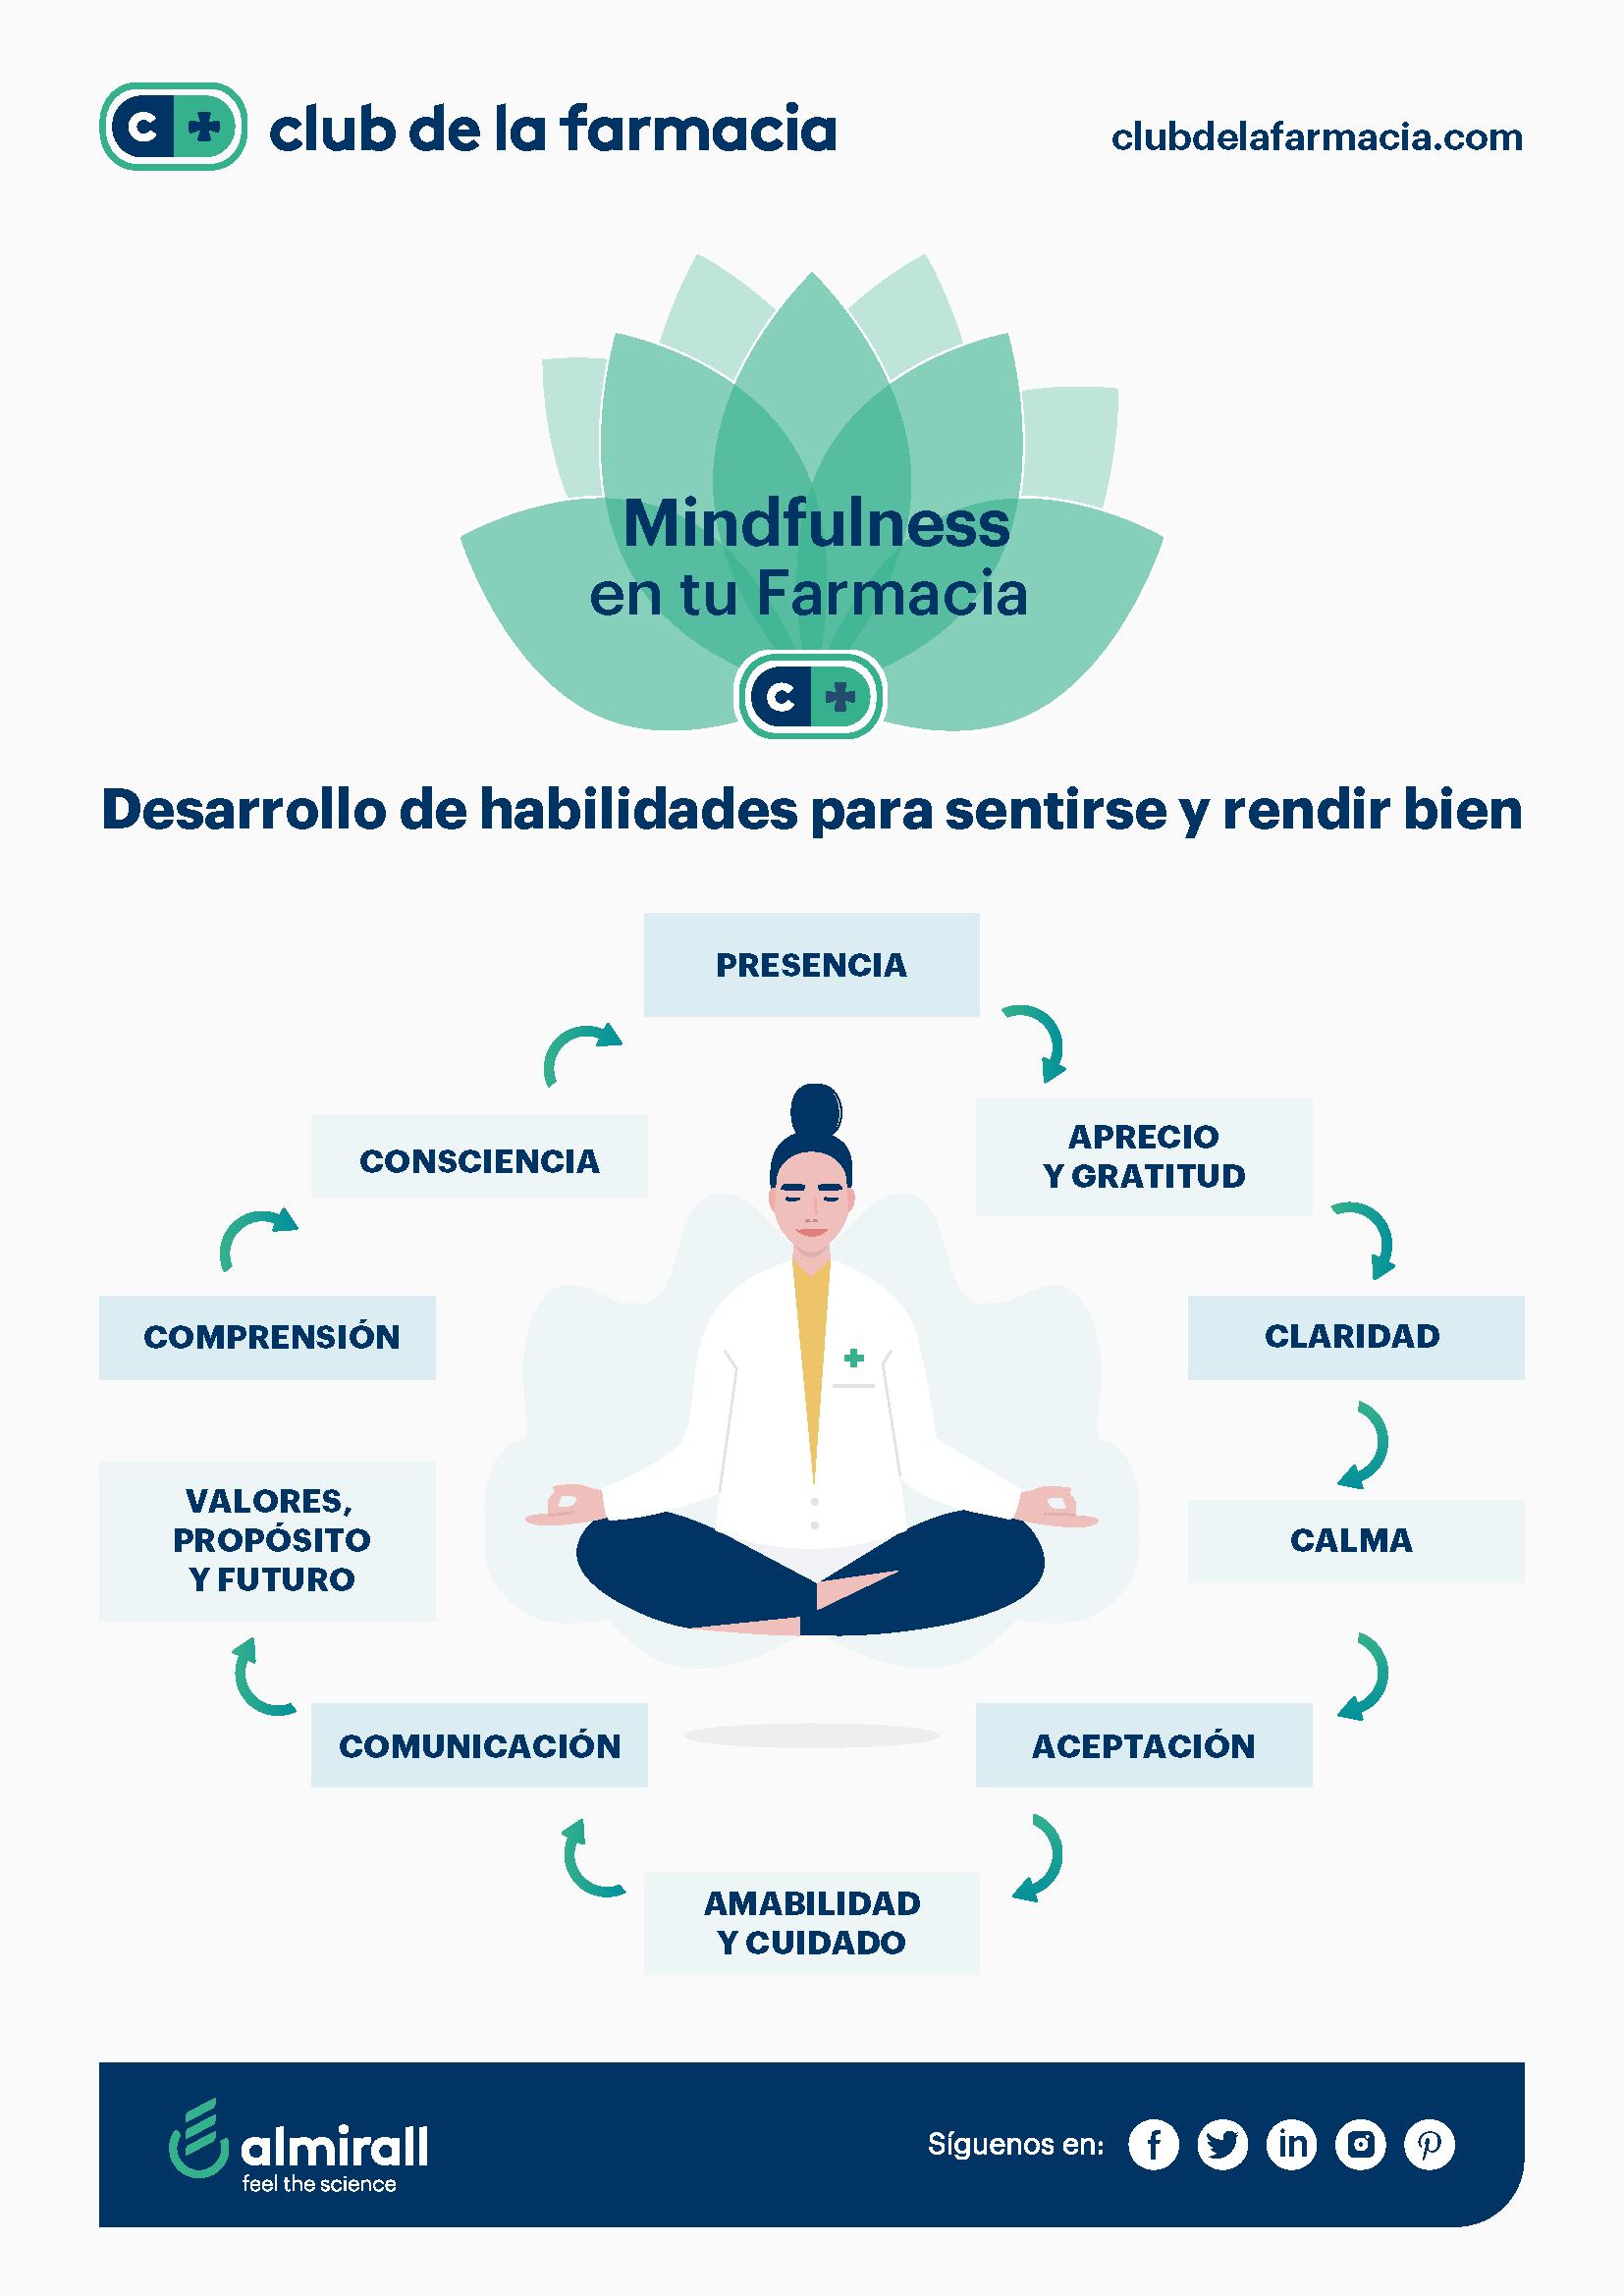 El club de la farmacia mindfulness